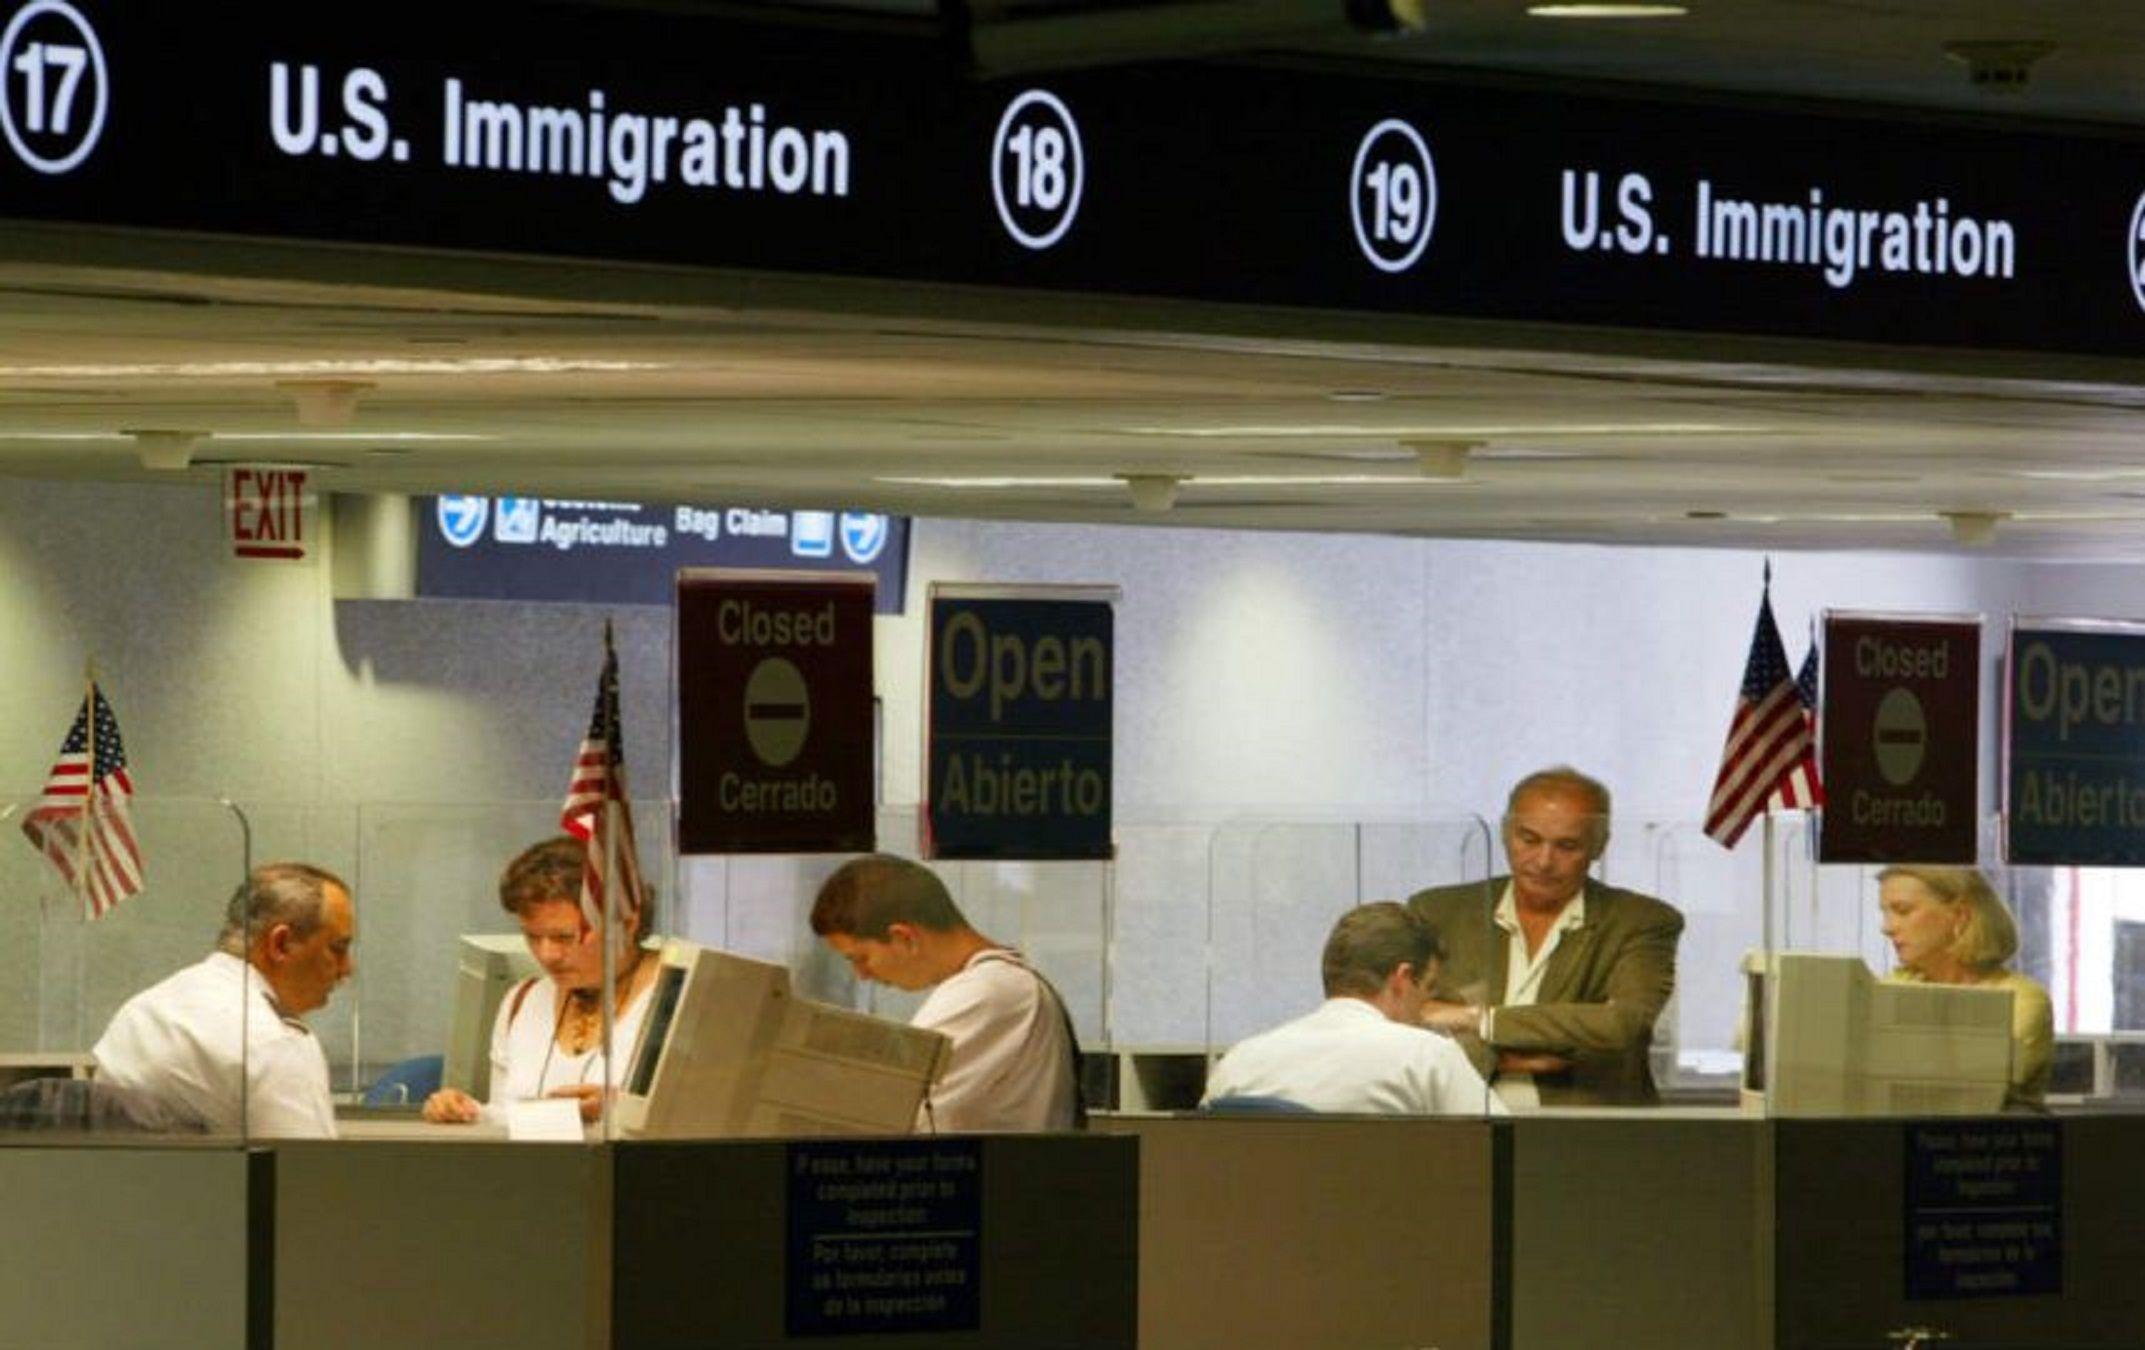 EE.UU. podría revisar los perfiles de las redes sociales de quienes soliciten la visa